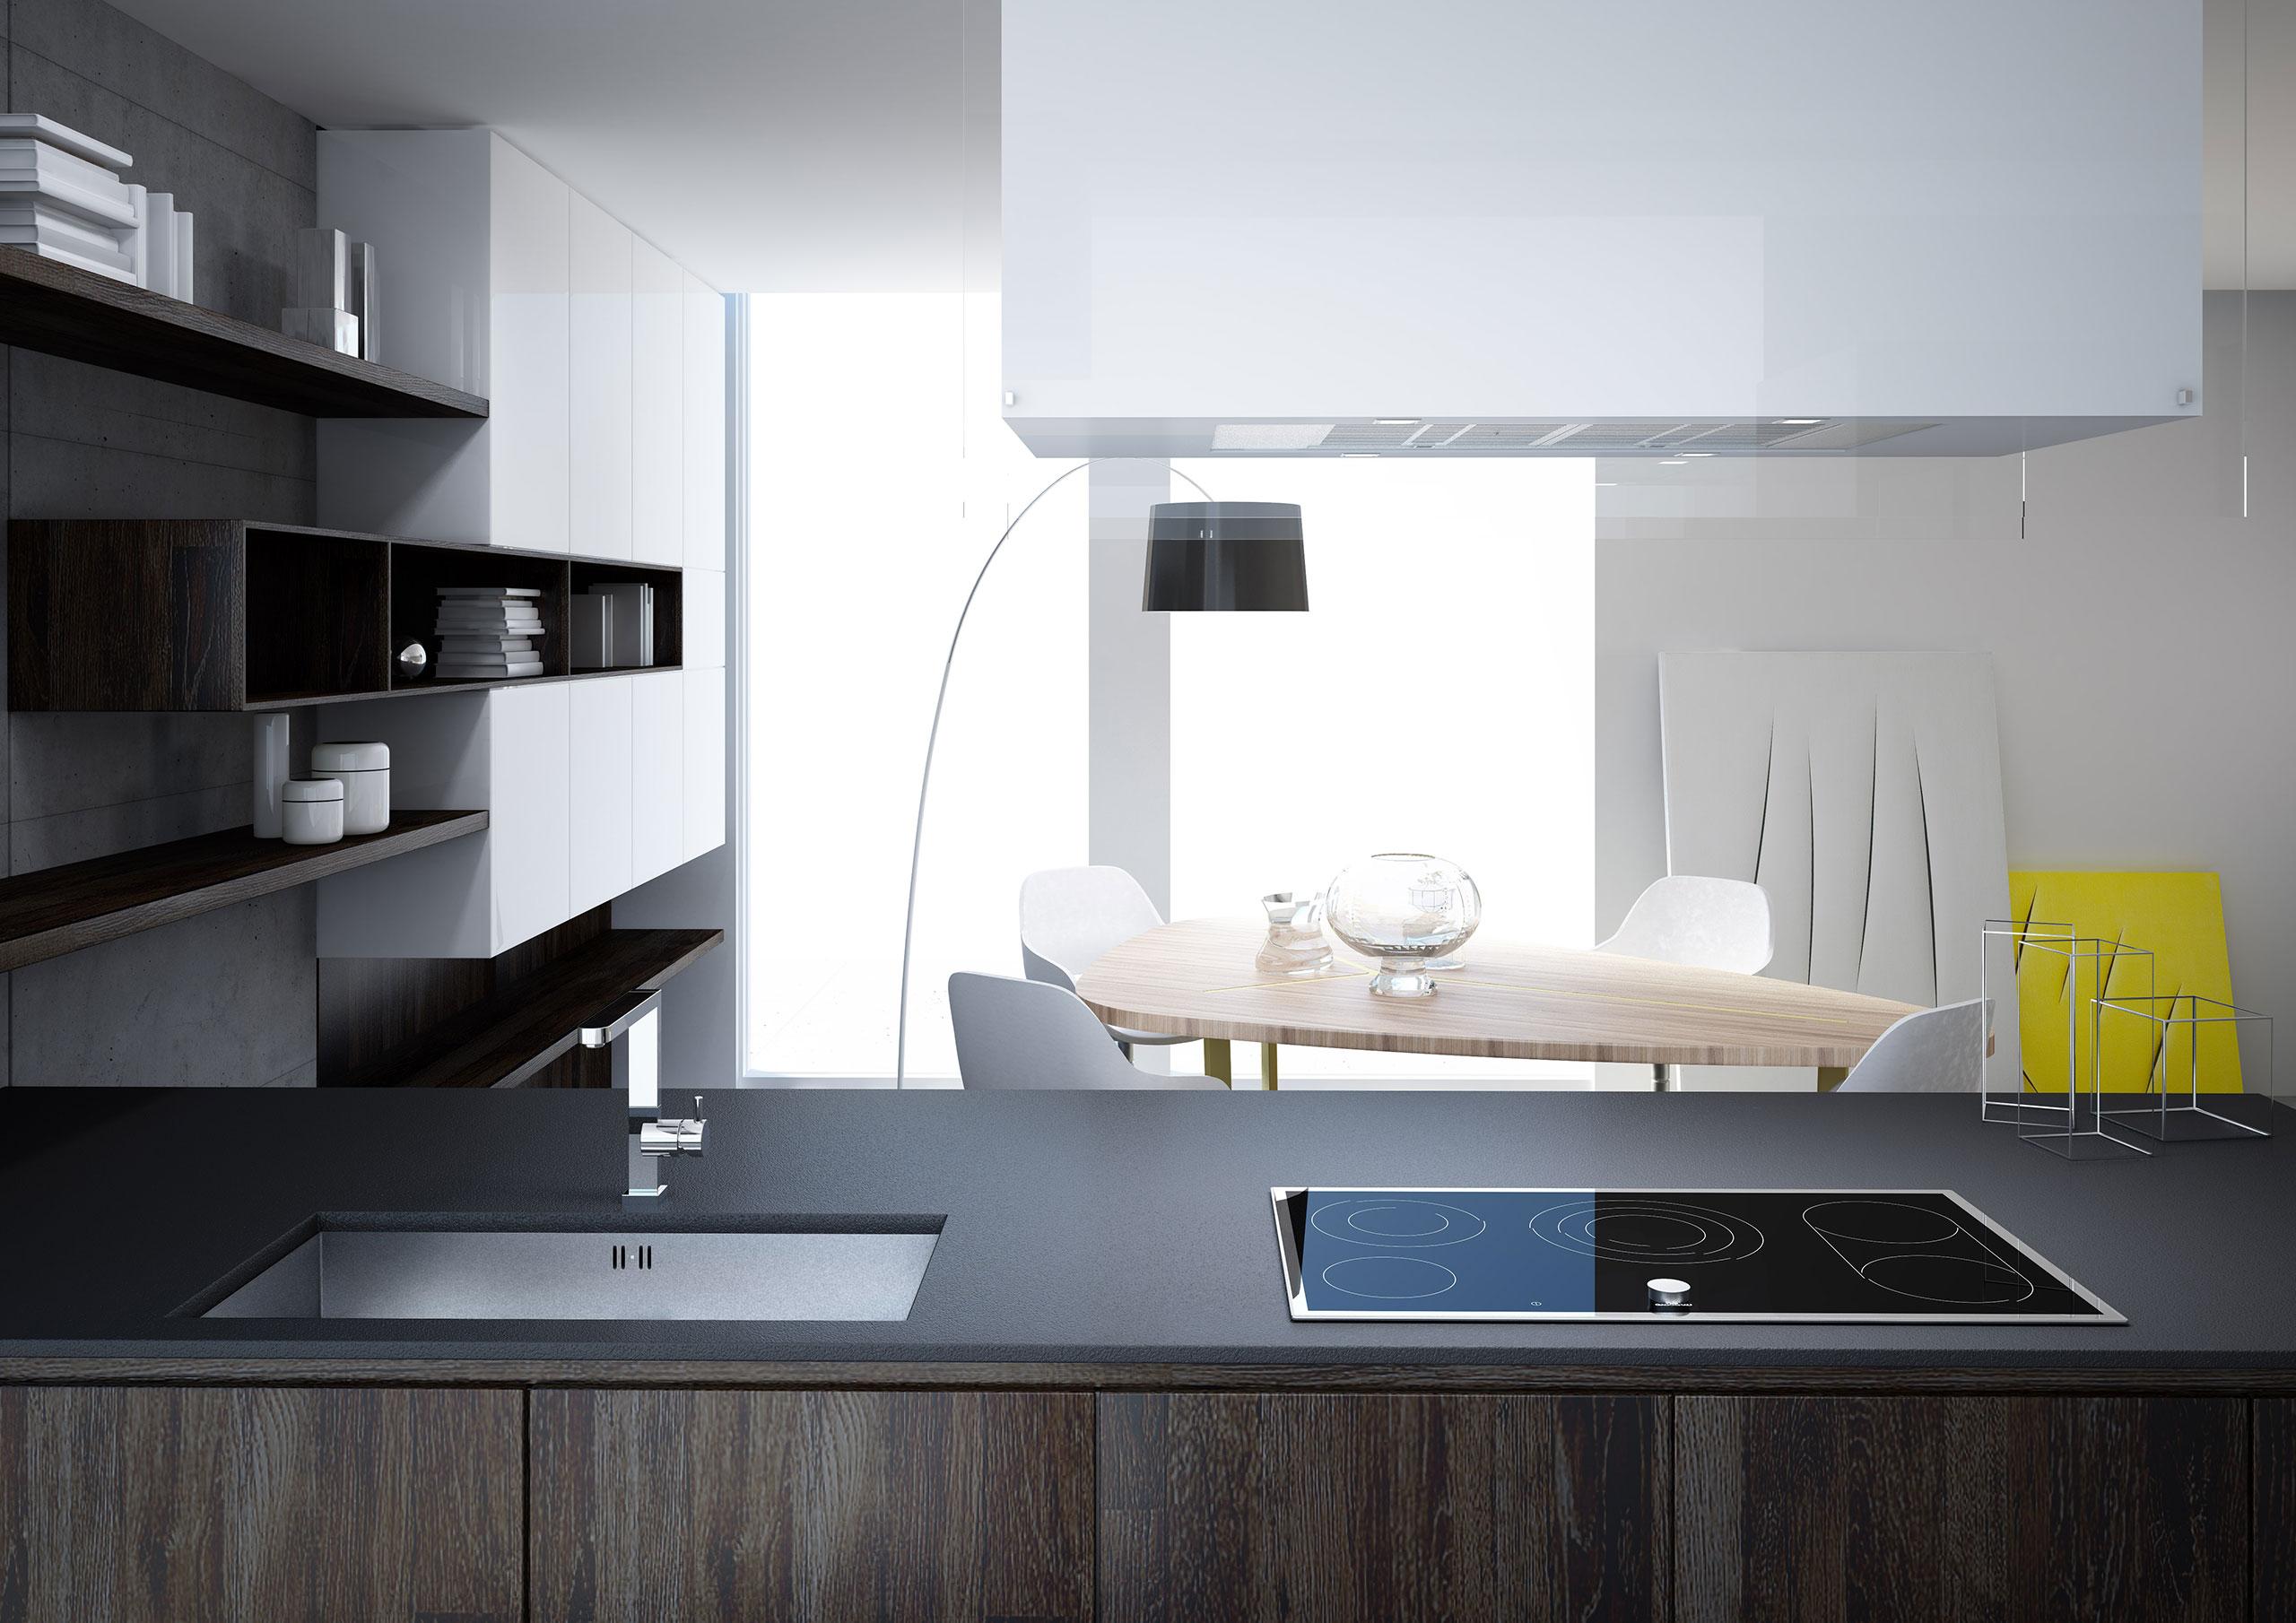 Cucine E Cucine Vimercate | Cucine E Dintorni Recensioni Top Cucina ...